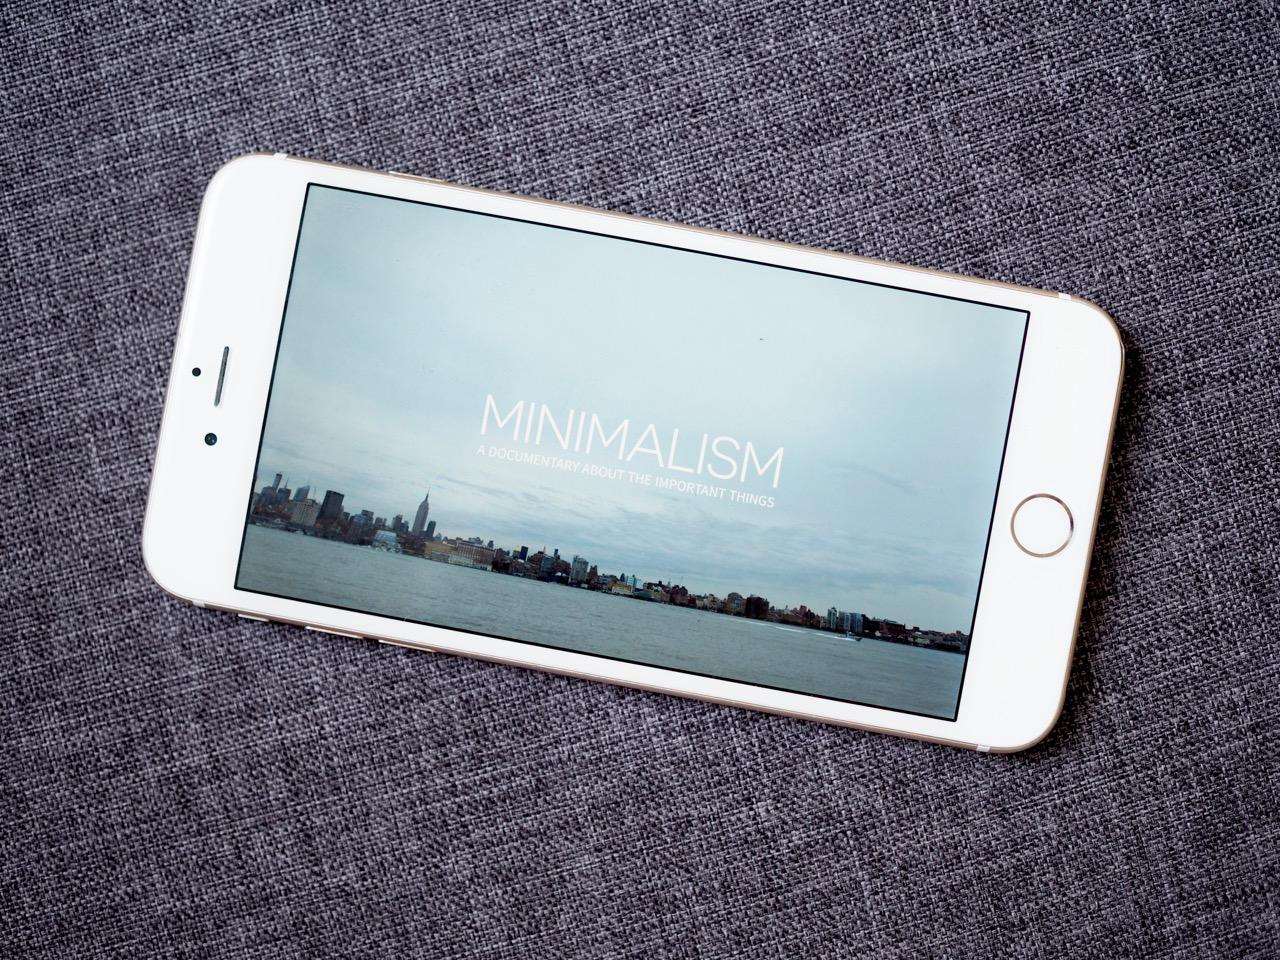 Ostolakossa minimalismi tavarat